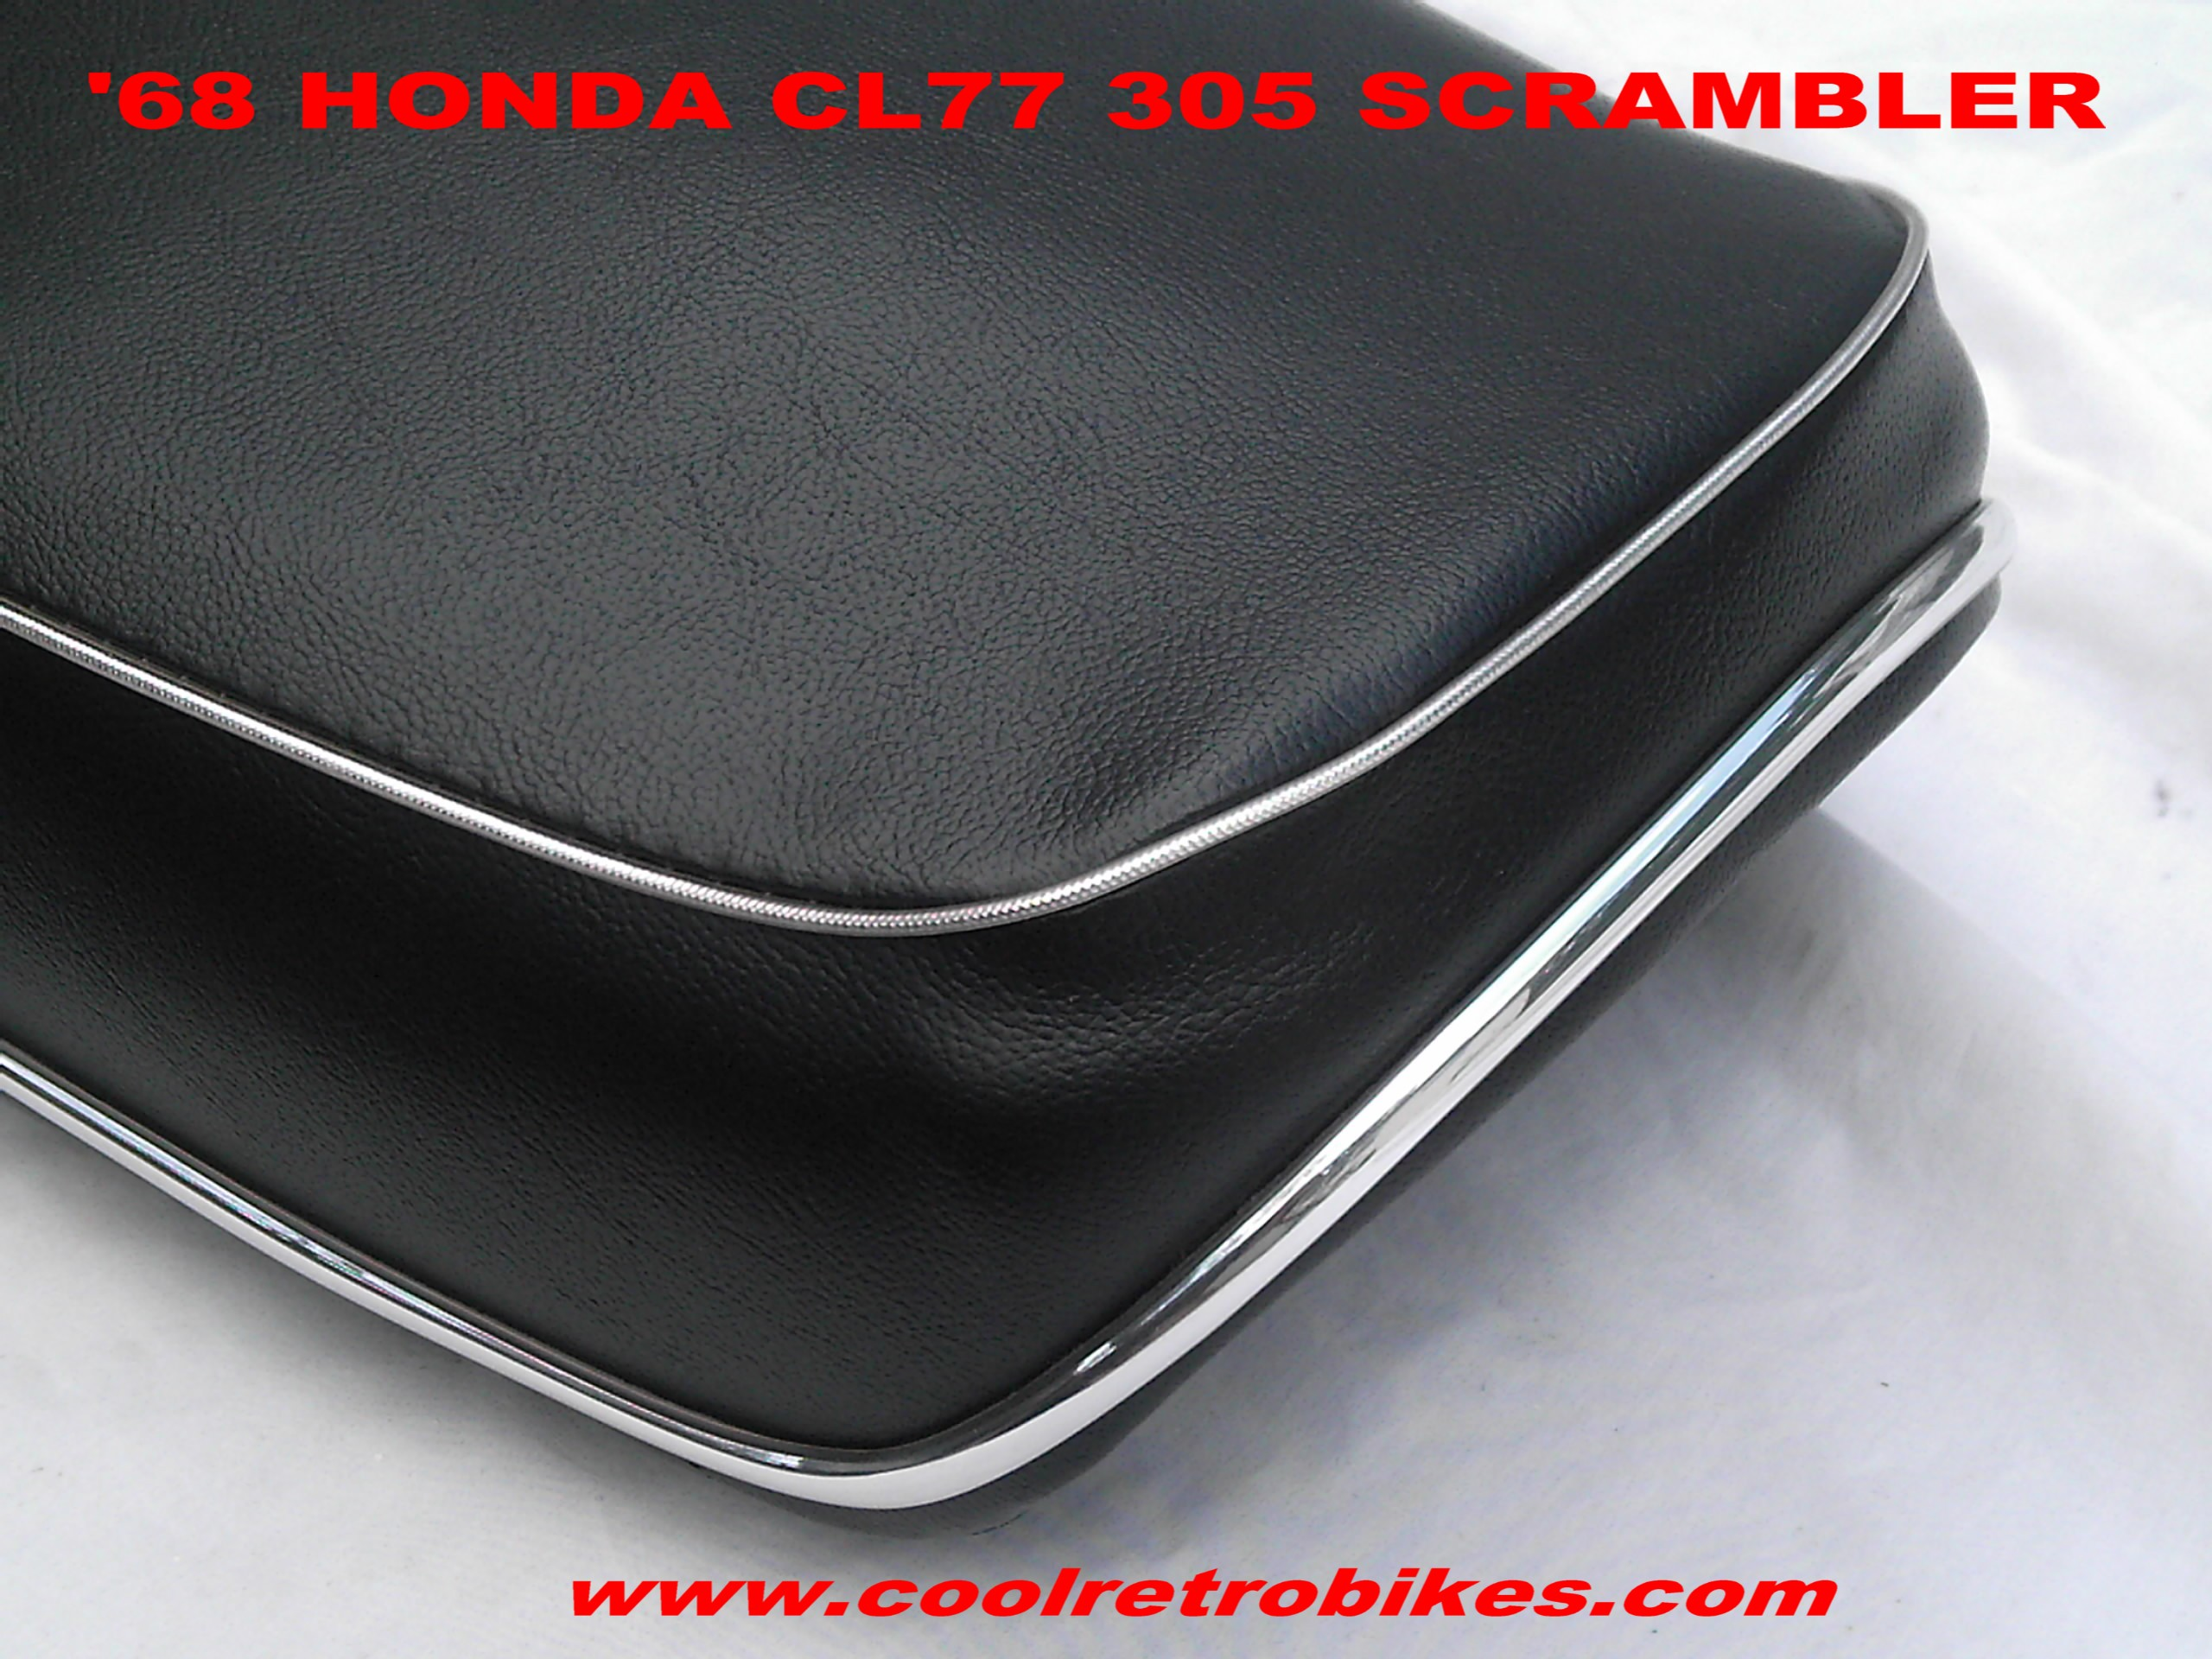 Honda 305 Scrambler Cl 77 Seat Restored 68 Candy Orng